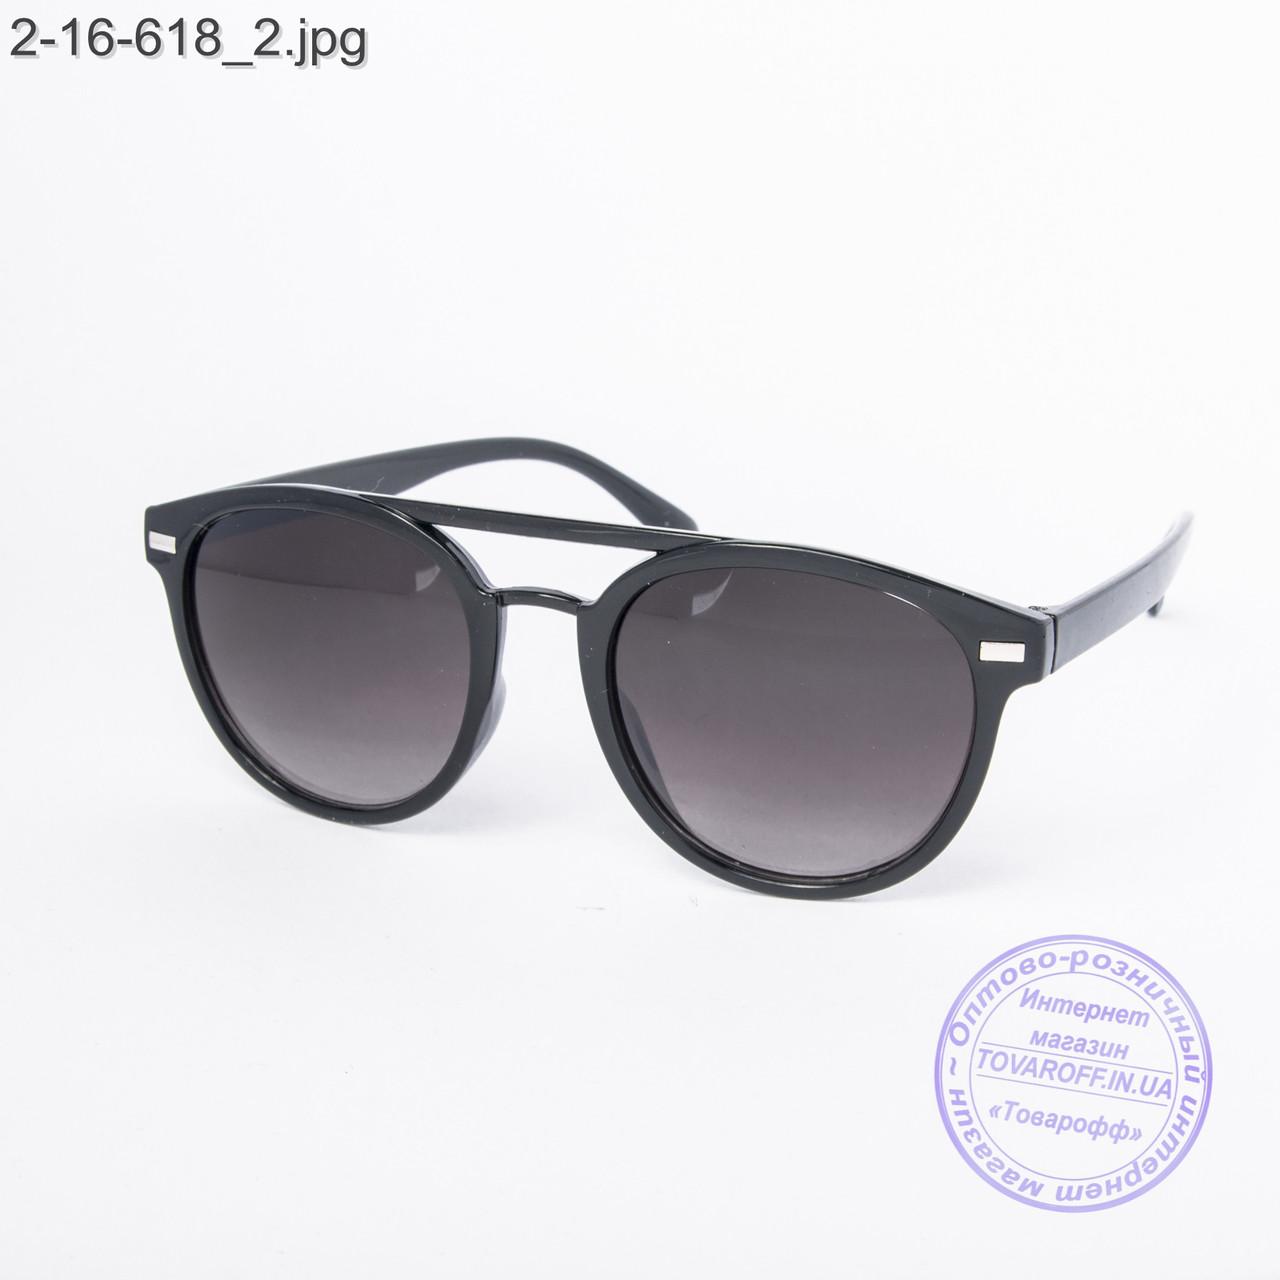 Солнцезащитные очки унисекс черные - 2-16-618